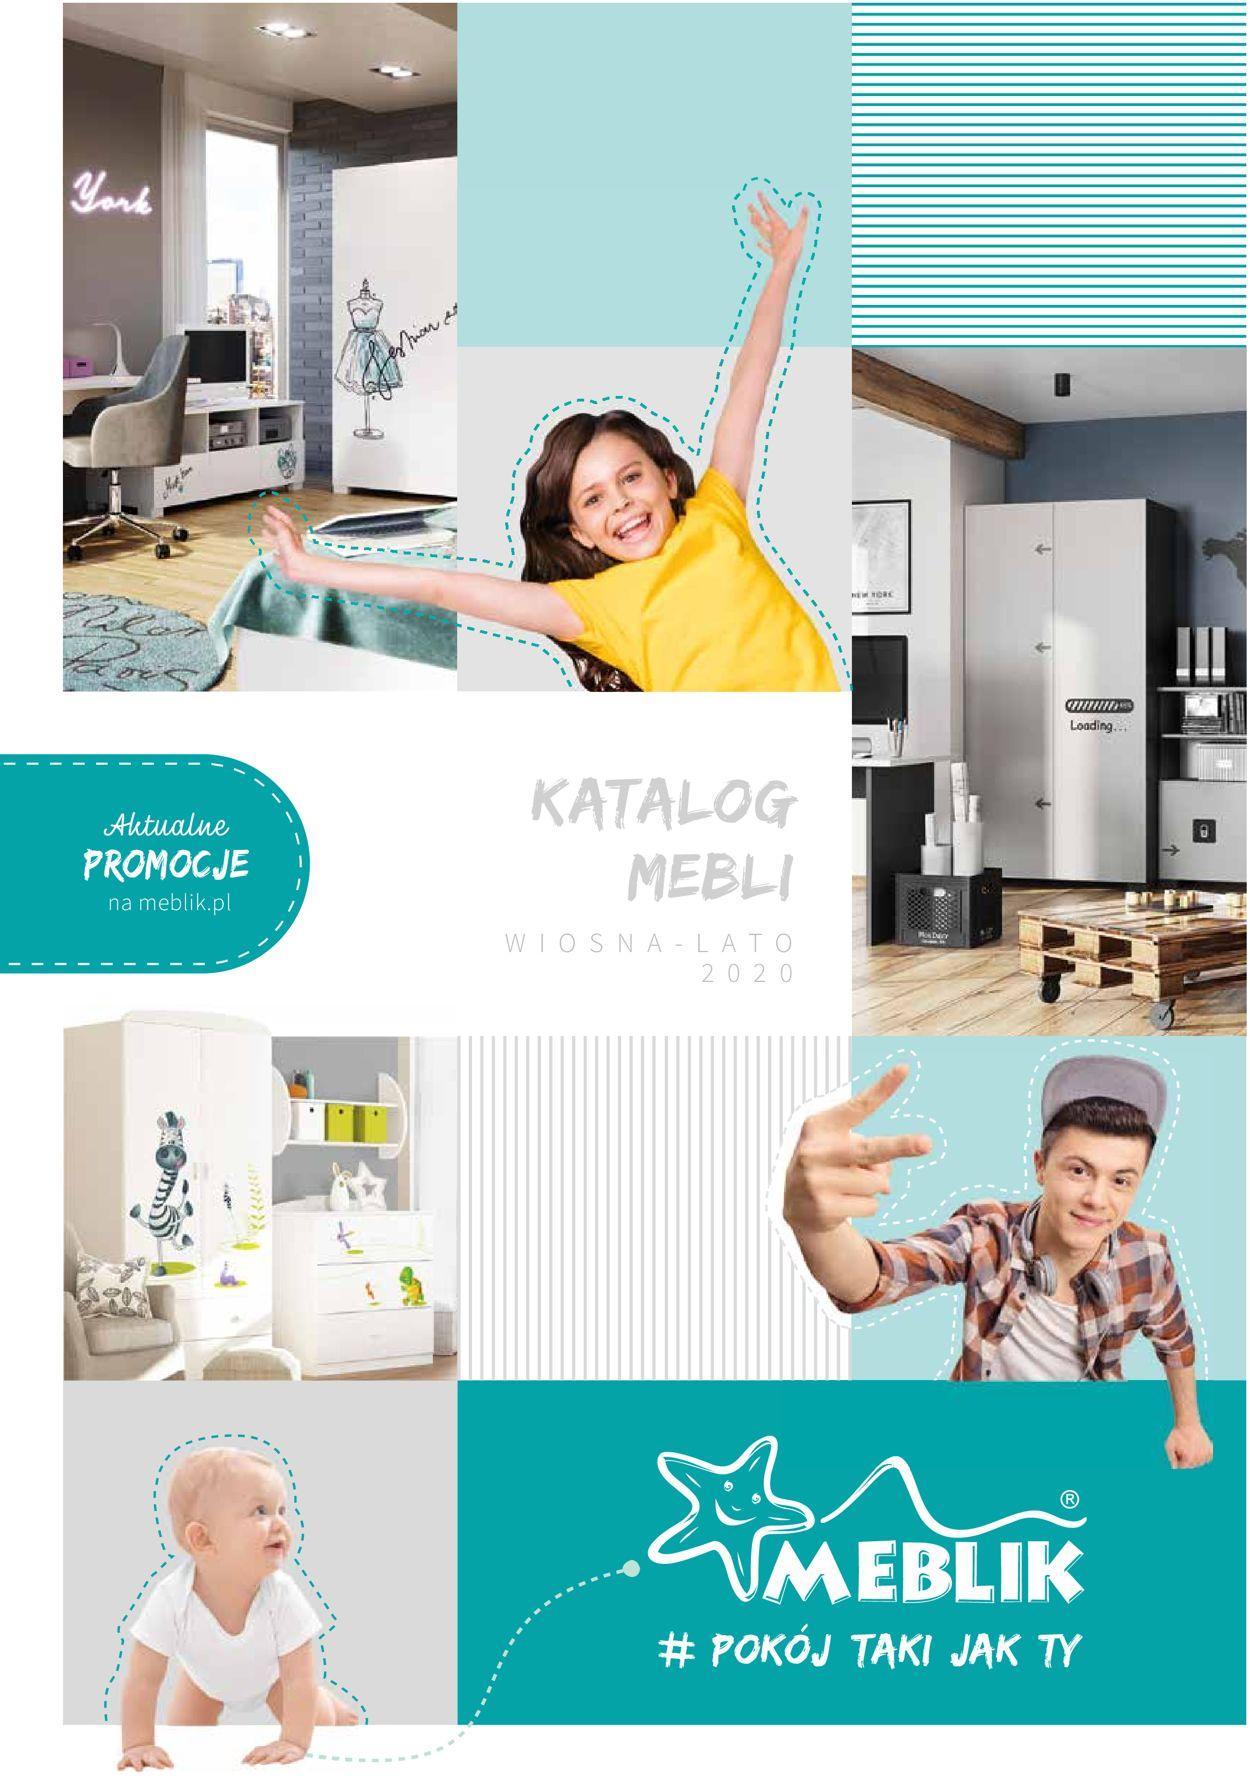 Gazetka promocyjna Meblik - 19.06-30.09.2020